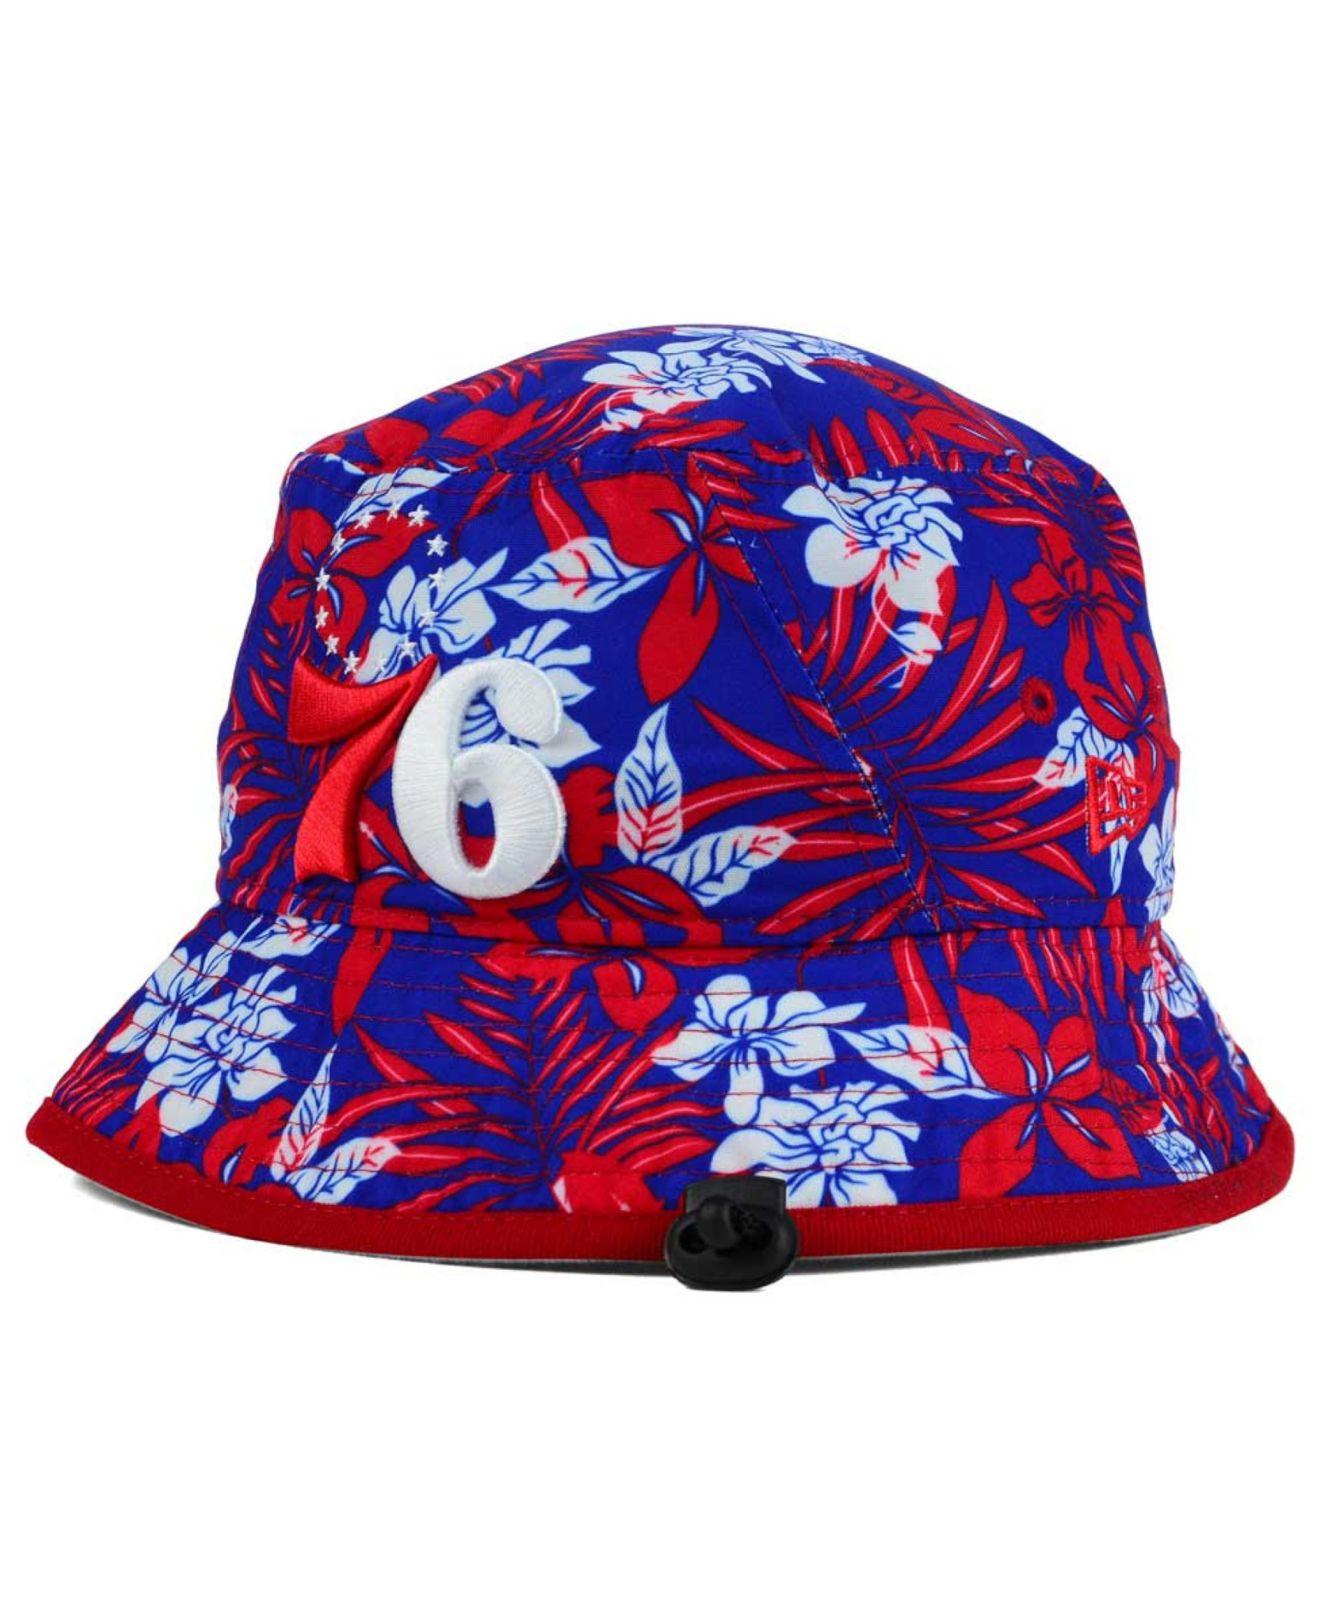 f8edd677e29 Lyst - KTZ Philadelphia 76ers Wowie Bucket Hat in Blue for Men